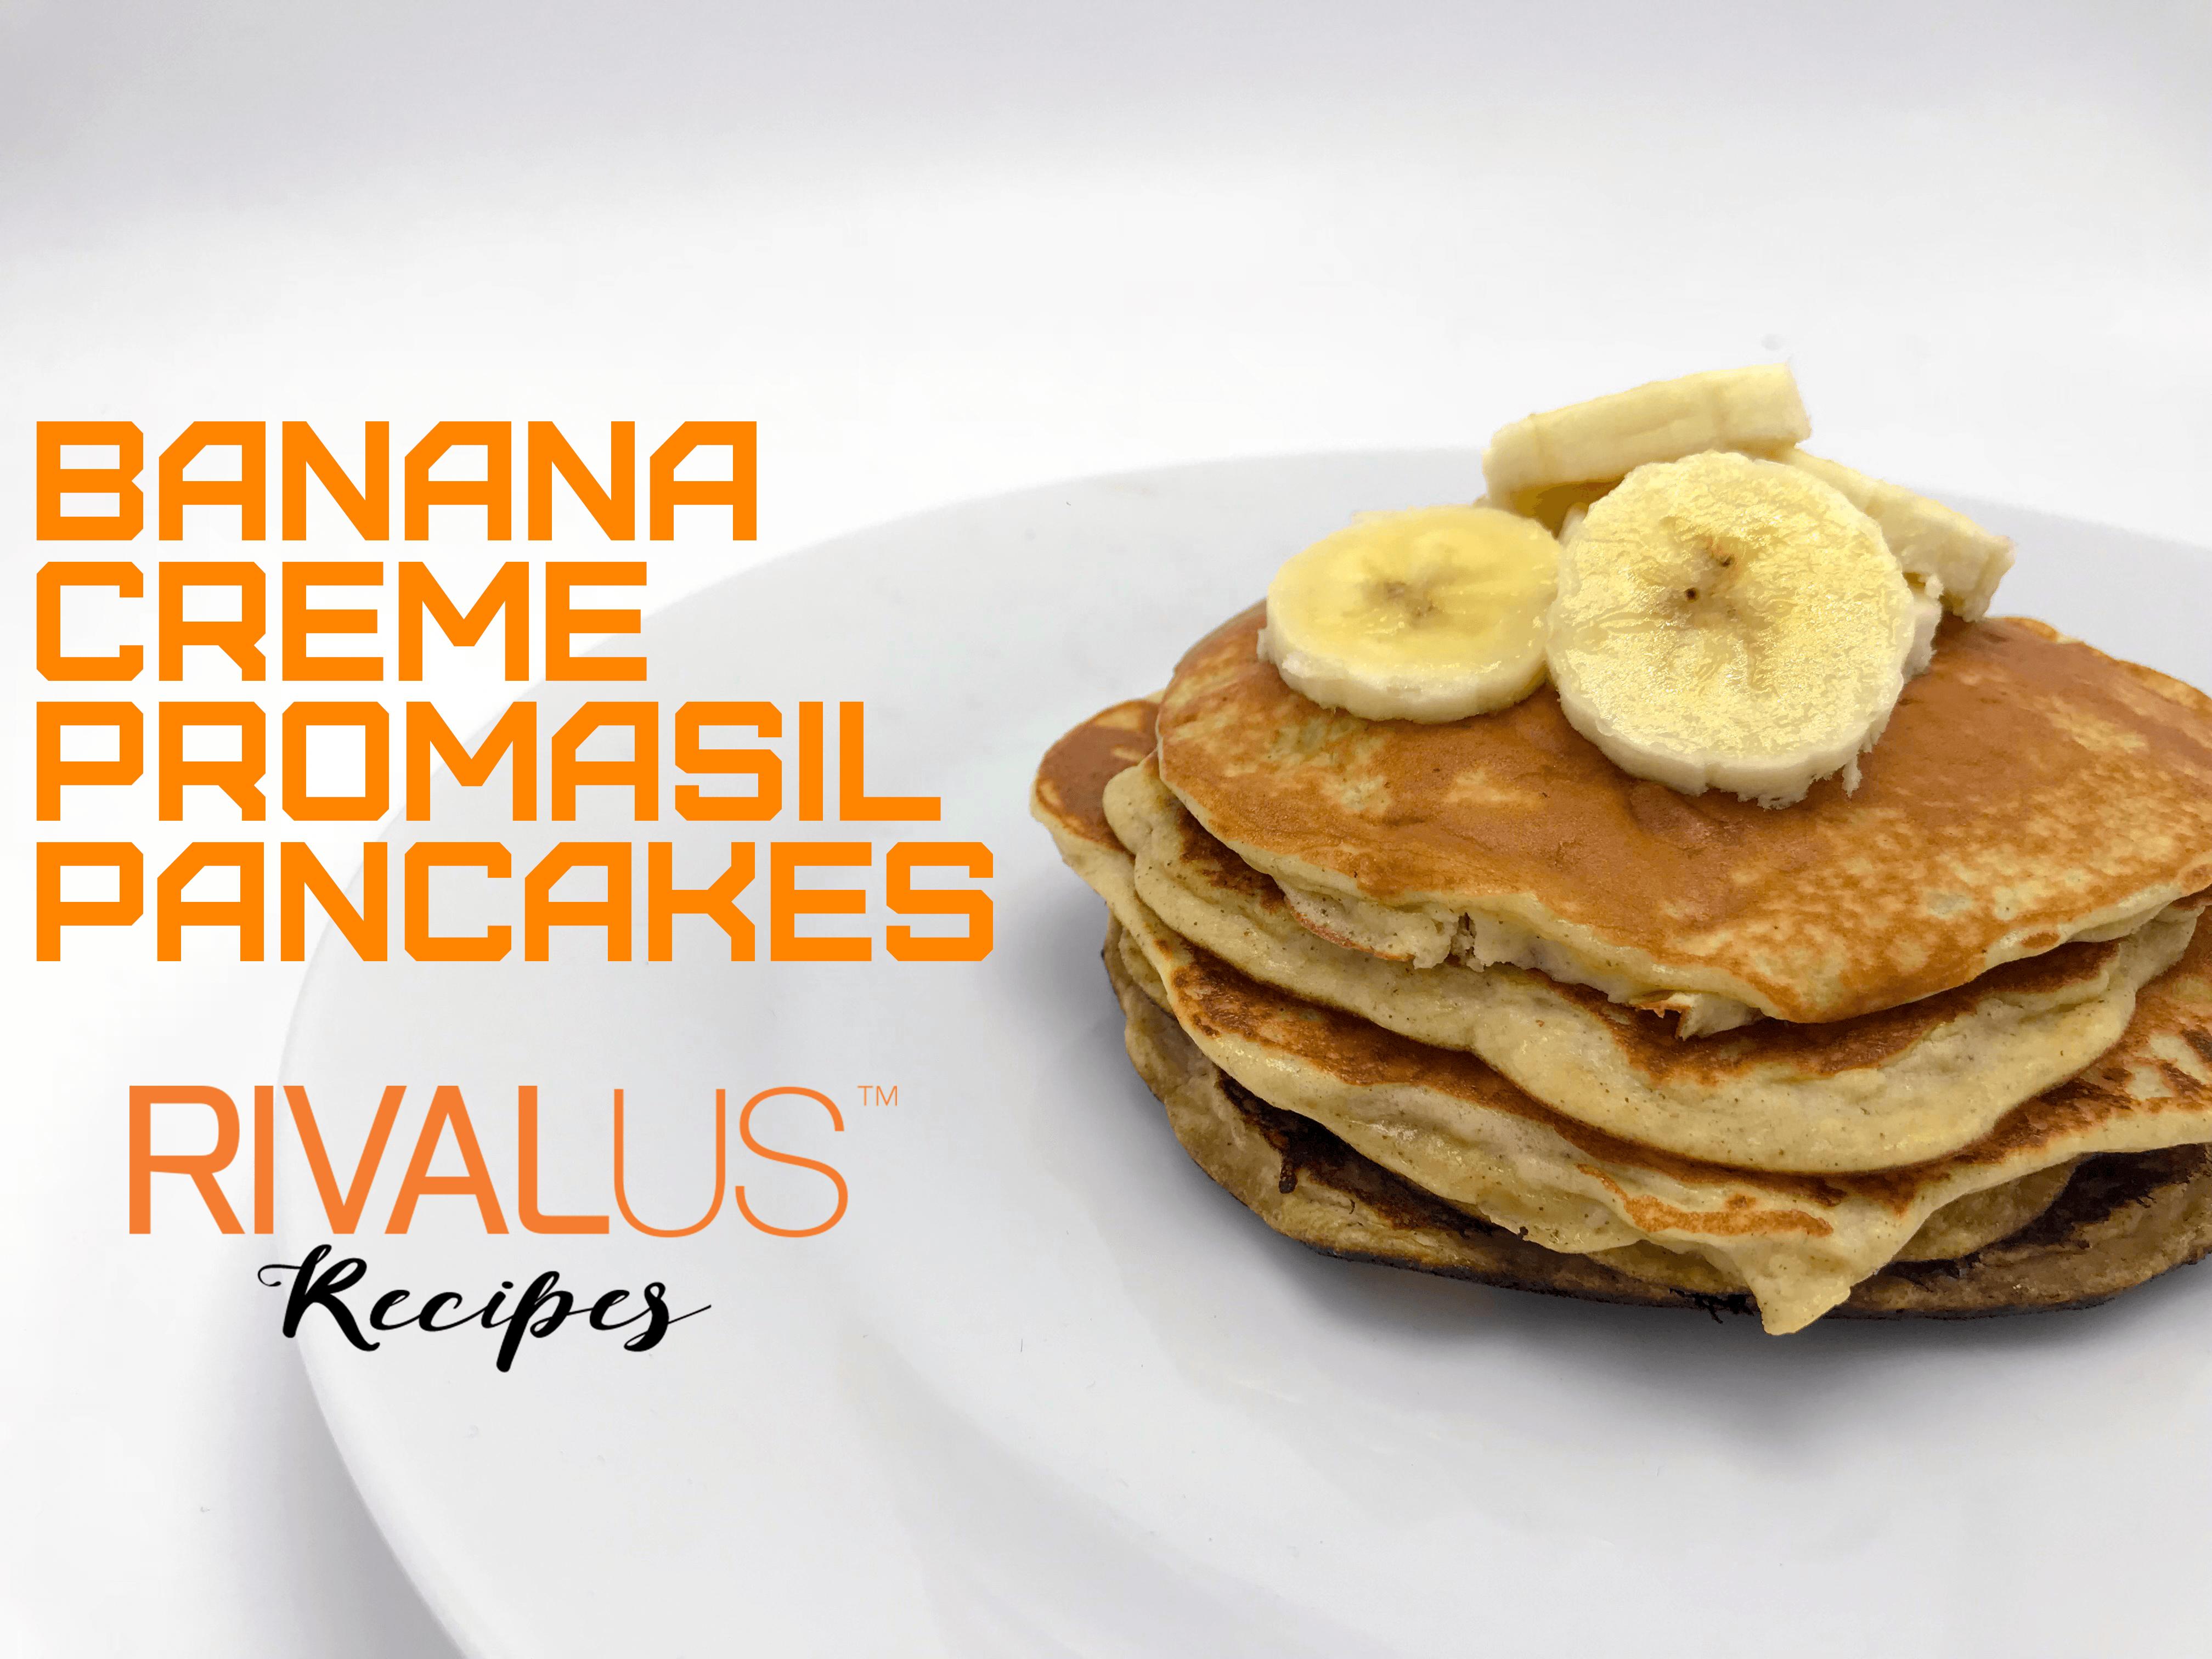 Banana Creme Promasil Pancakes